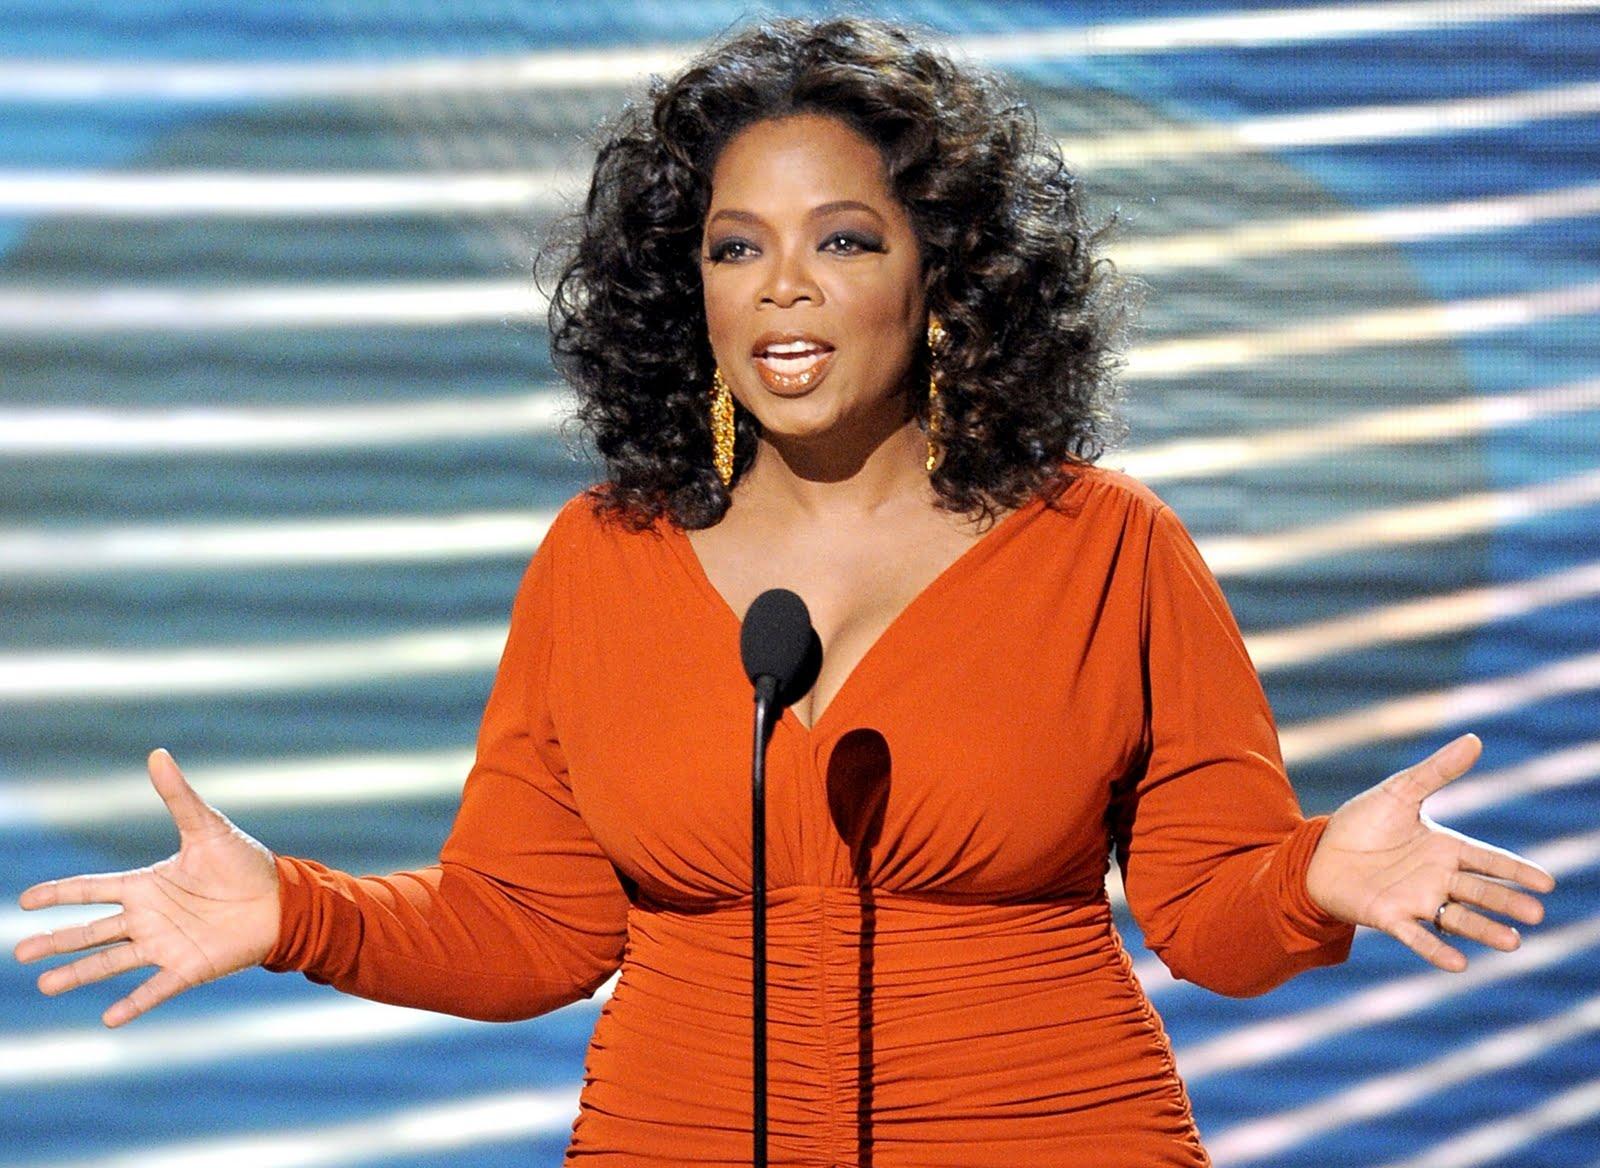 http://2.bp.blogspot.com/-xE2Y0jOMBsE/UPqp6Yg3wpI/AAAAAAAAAGo/wm0ufv5QTo0/s1600/Oprah+Winfrey+03.jpg